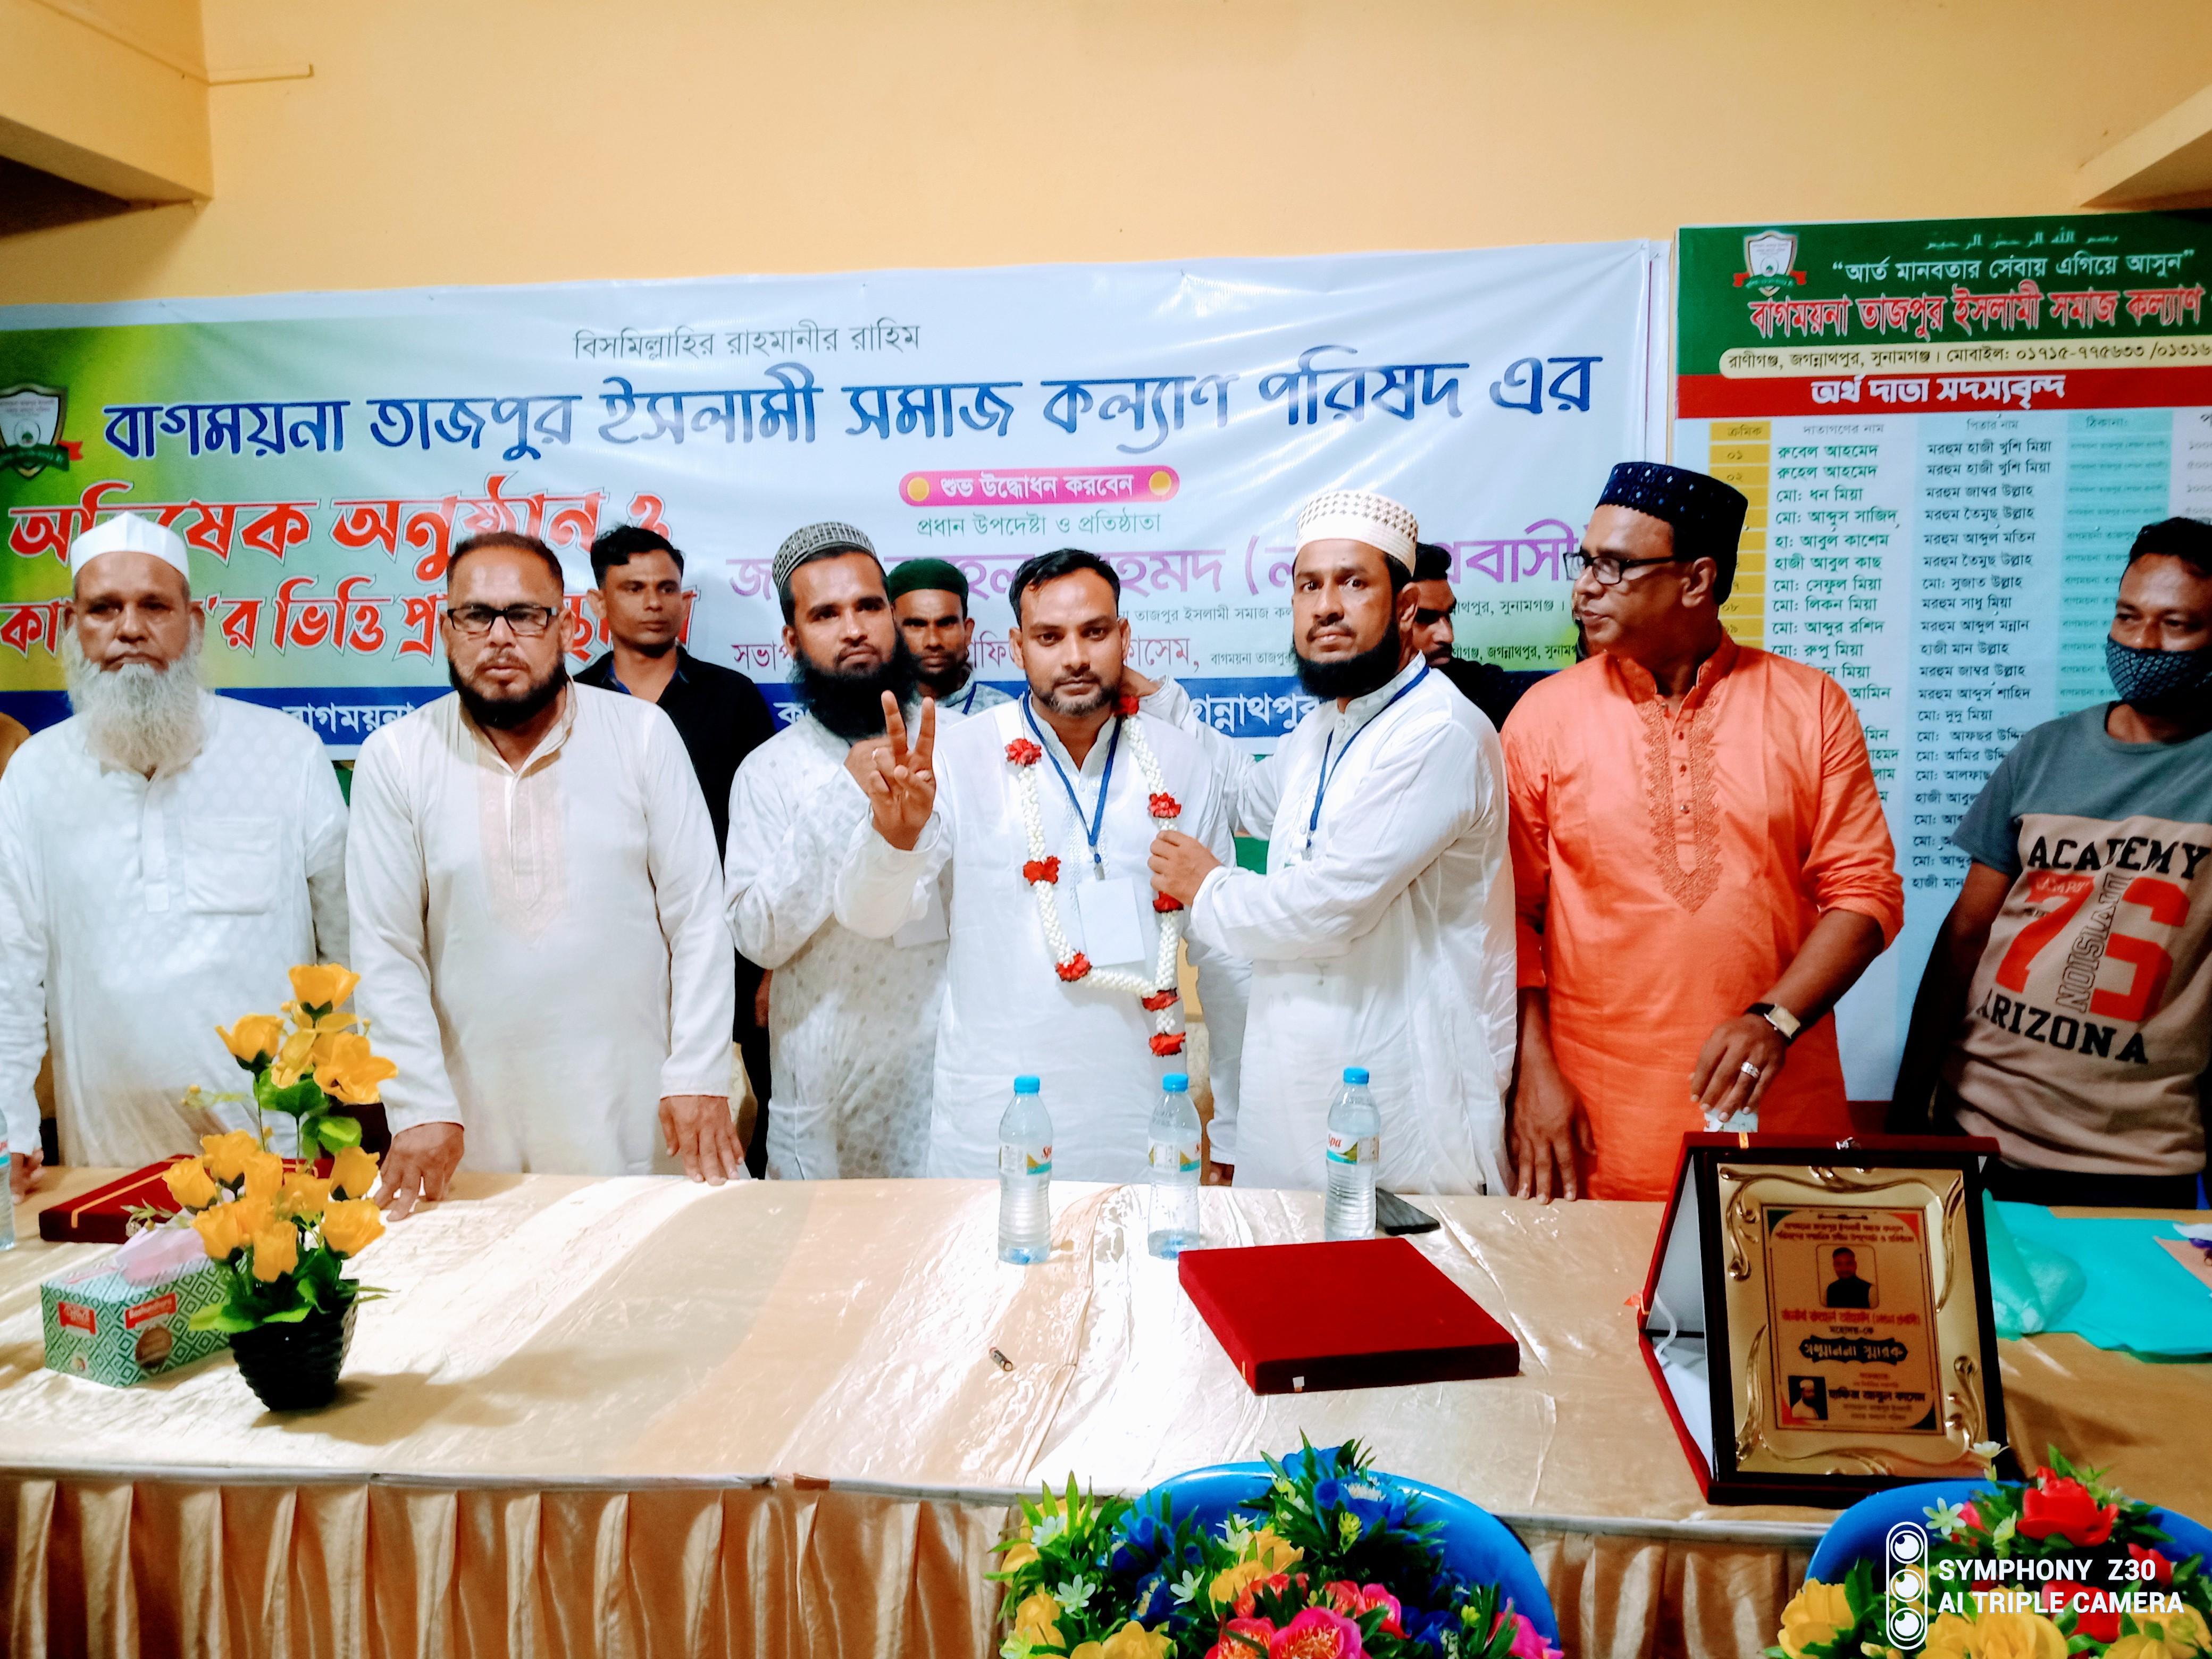 জগন্নাথপুরে ইসলামী সমাজ কল্যান পরিষদের অভিষেক অনুষ্ঠান ও কার্যালয়'র ভিত্তি প্রস্তর স্থাপন সম্পন্ন